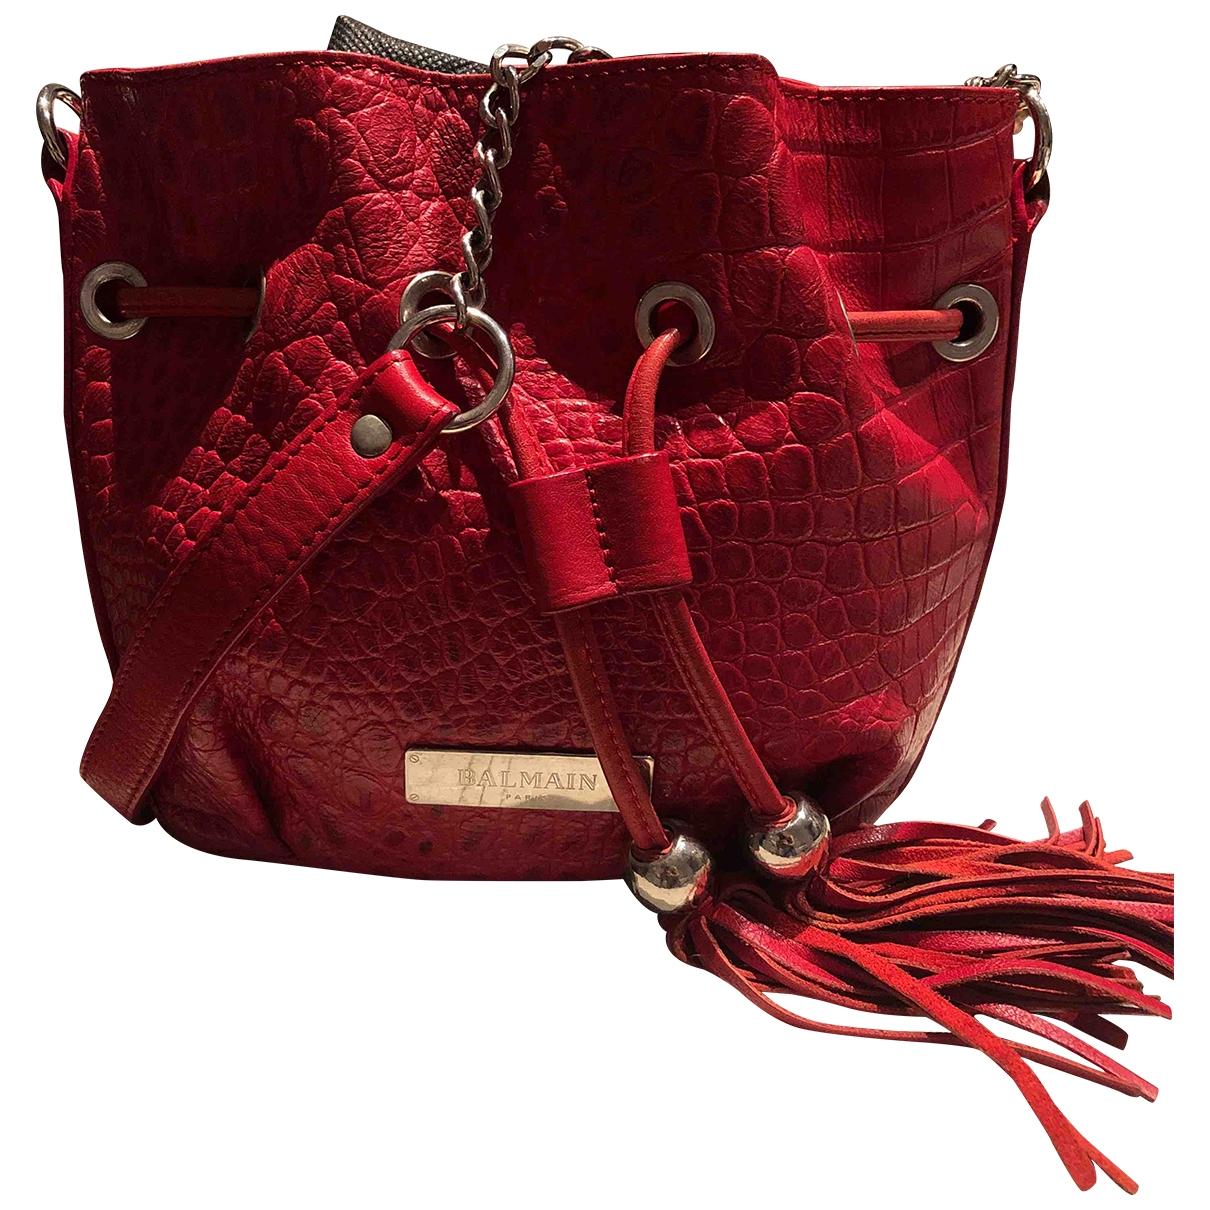 Balmain - Sac a main   pour femme en cuir - rouge